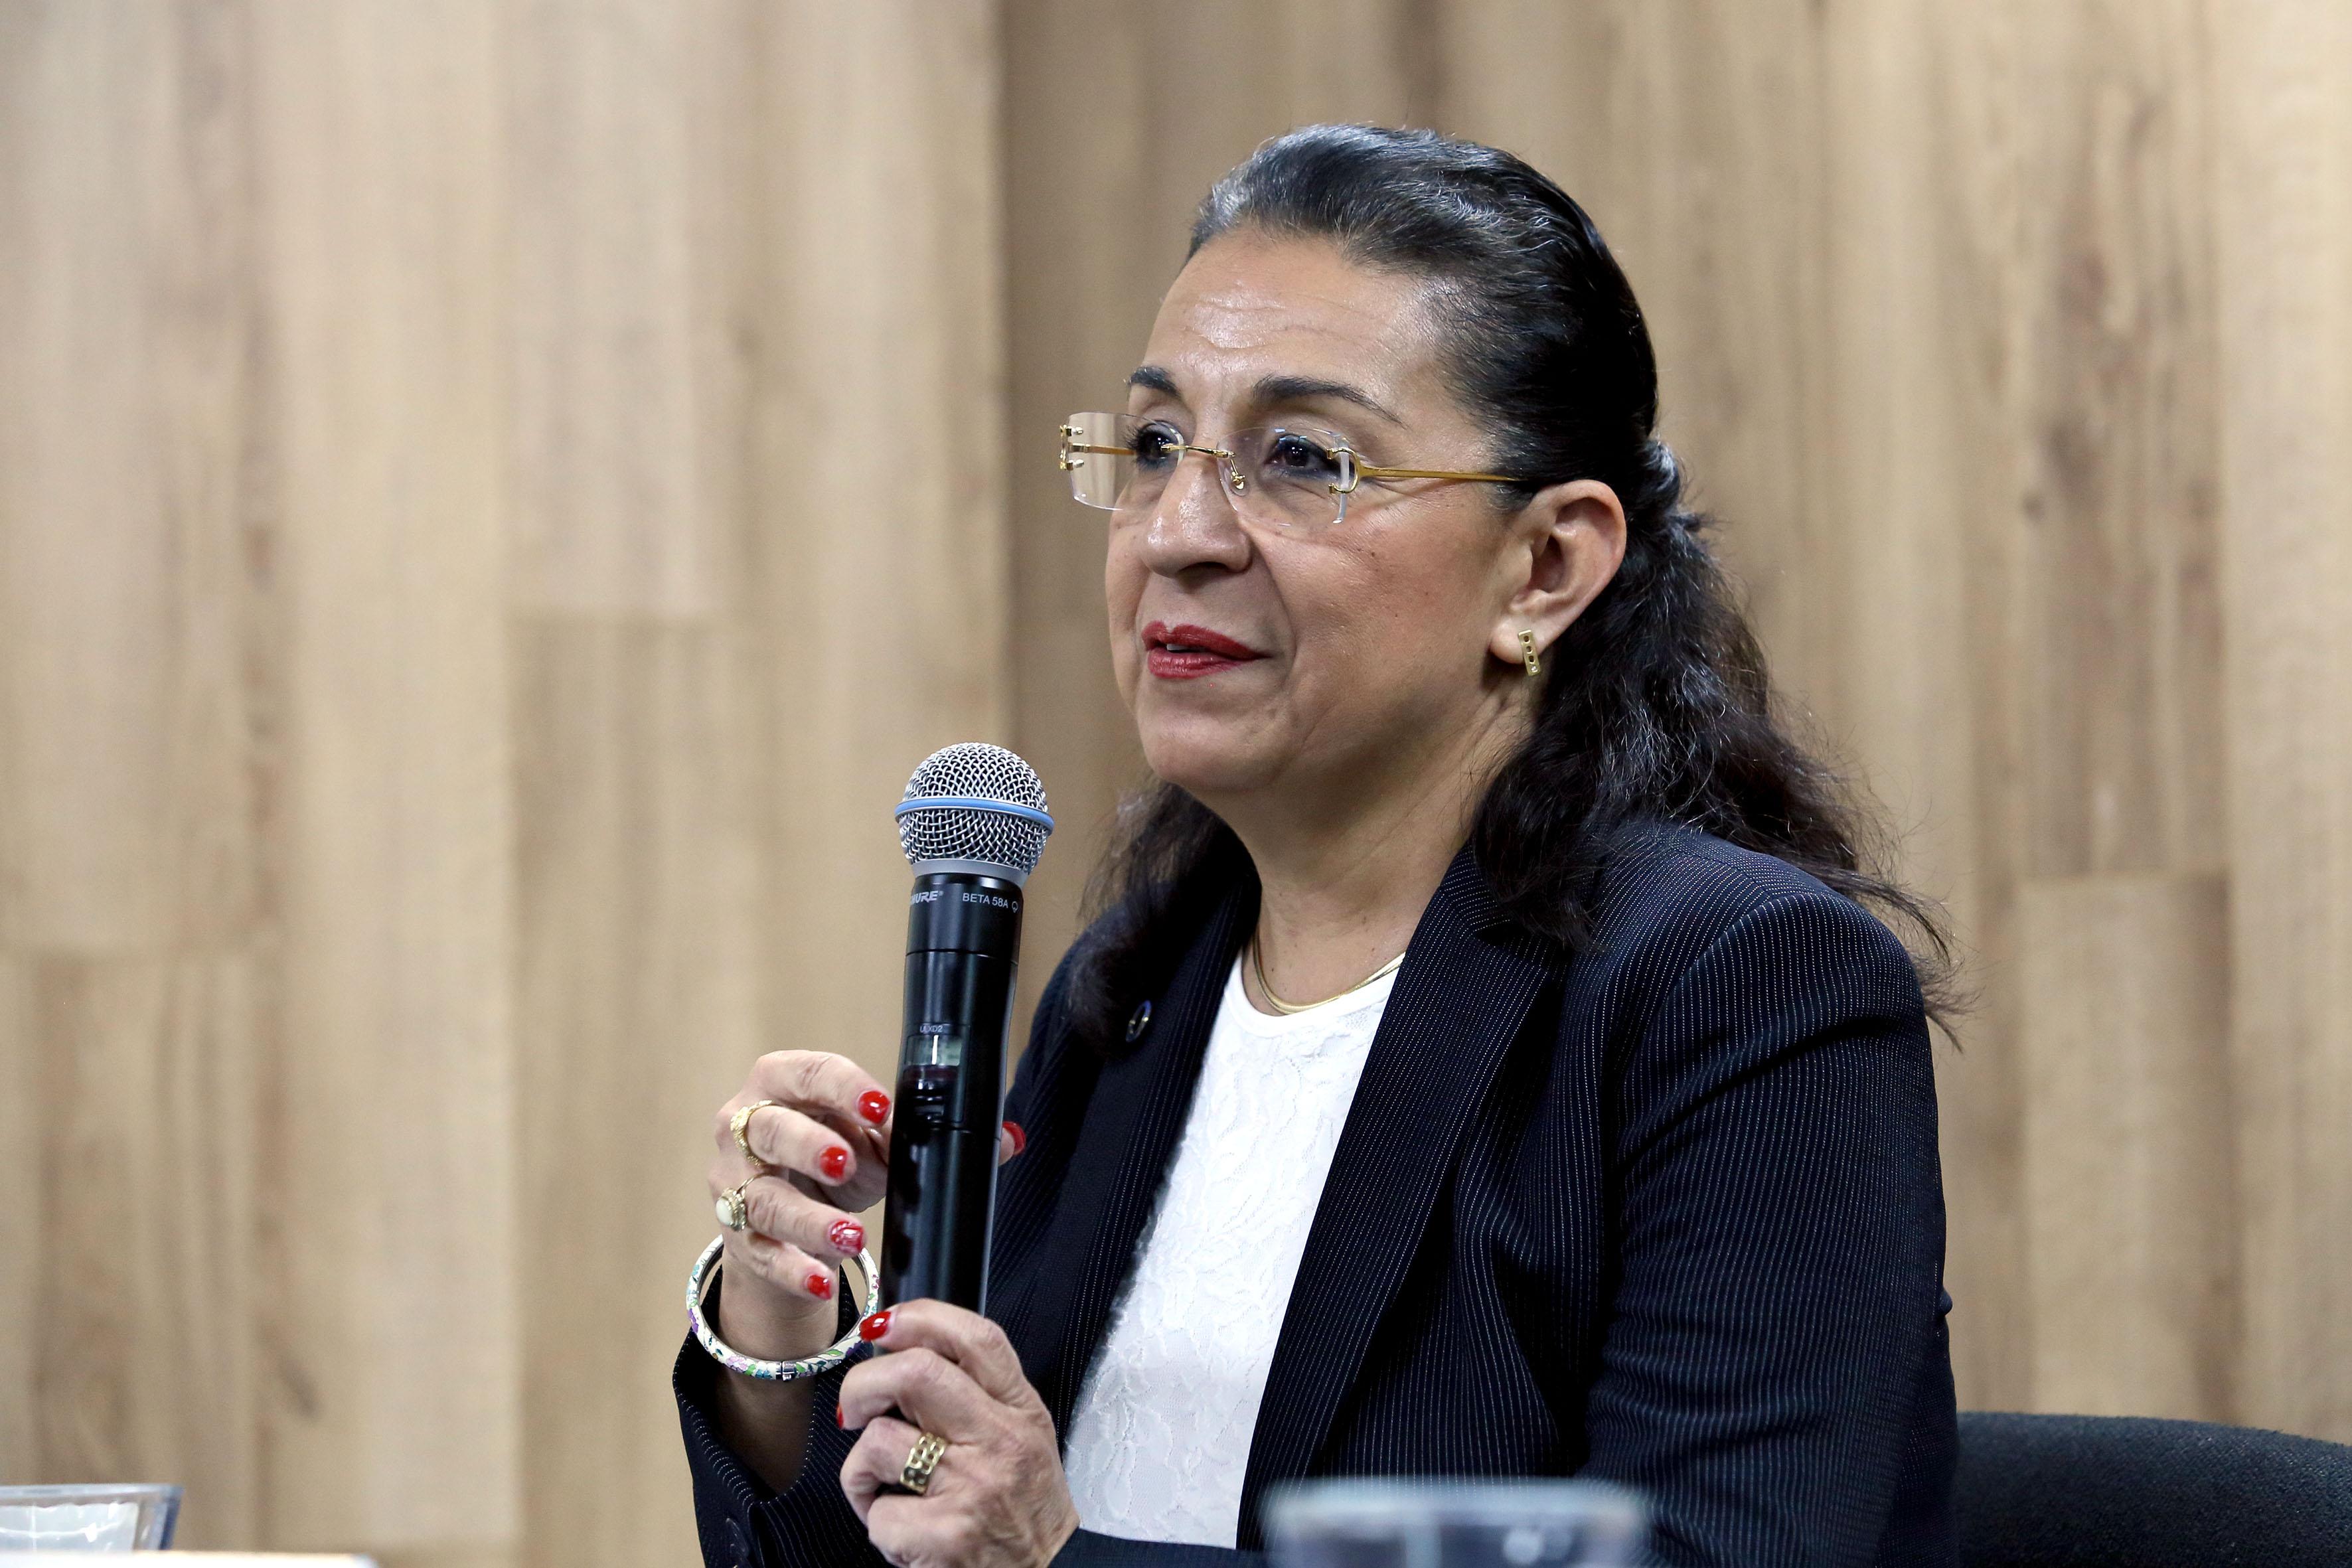 Dra.Esperanza Martínez Abundis, profesora investigadora del Intec, participando  en rueda de prensa.